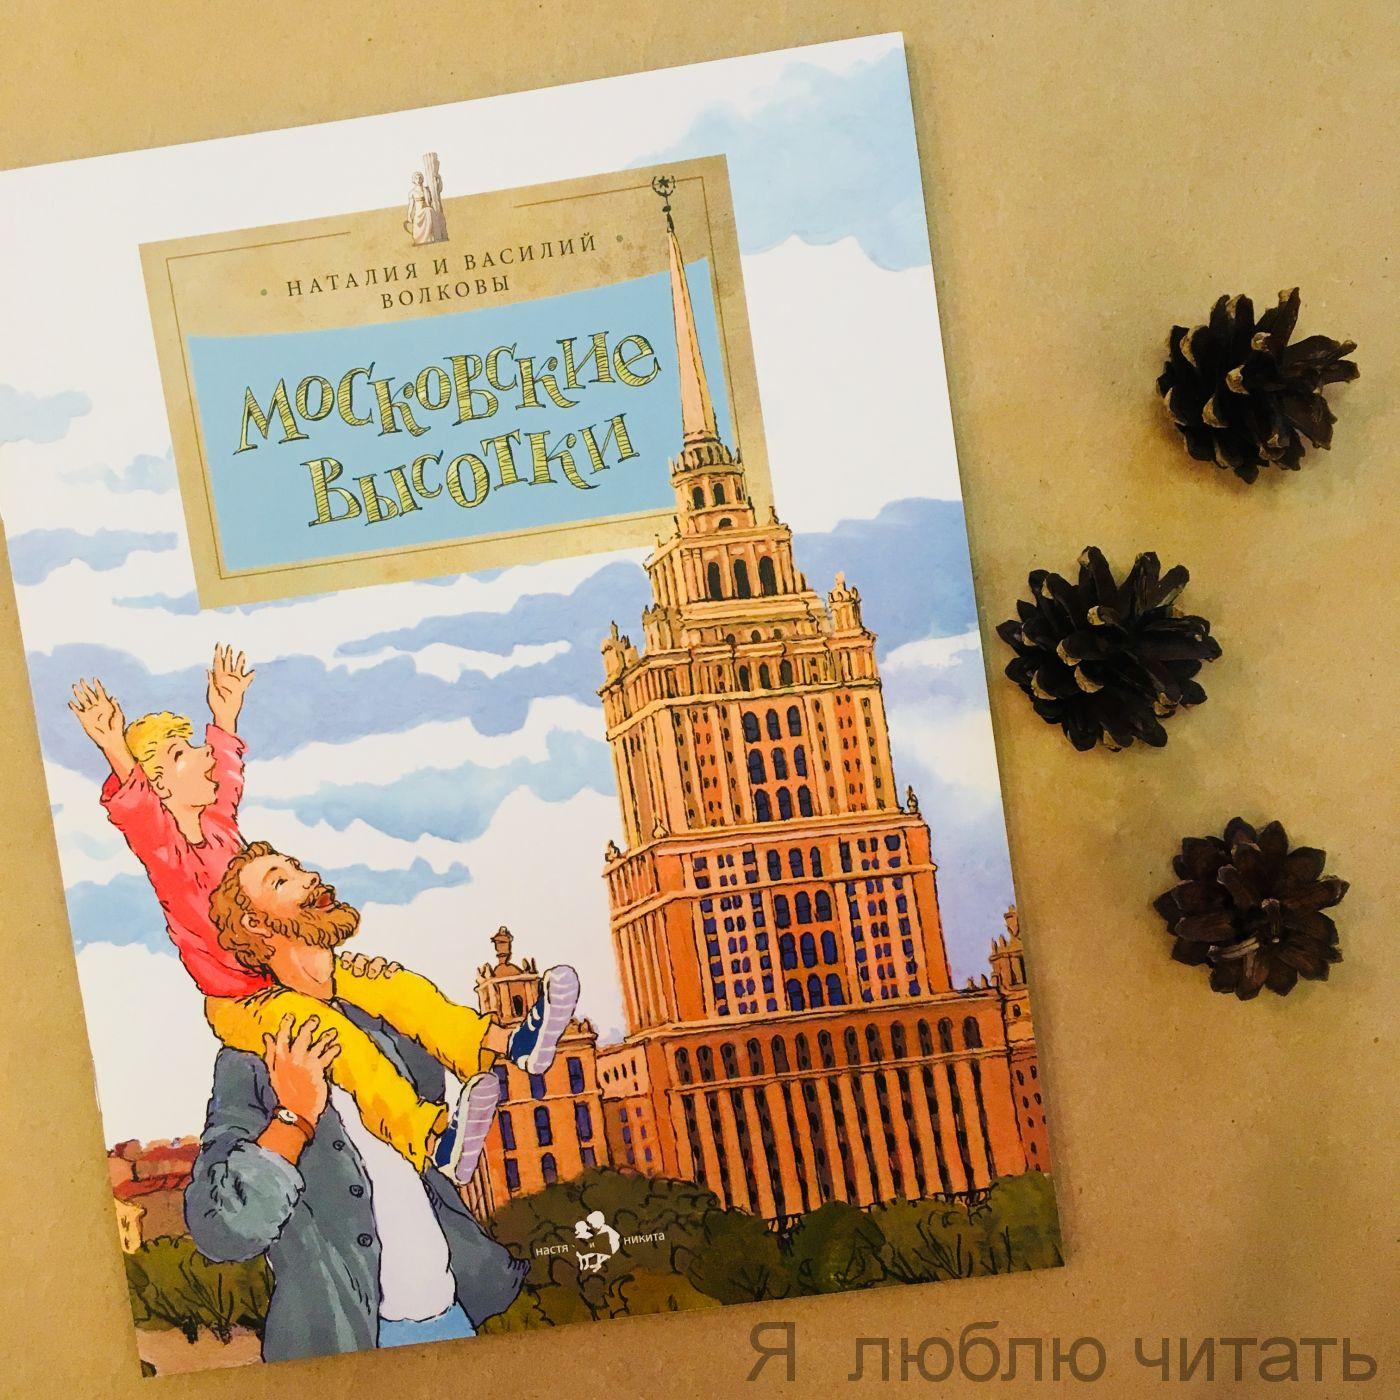 Книга «Московские высотки»